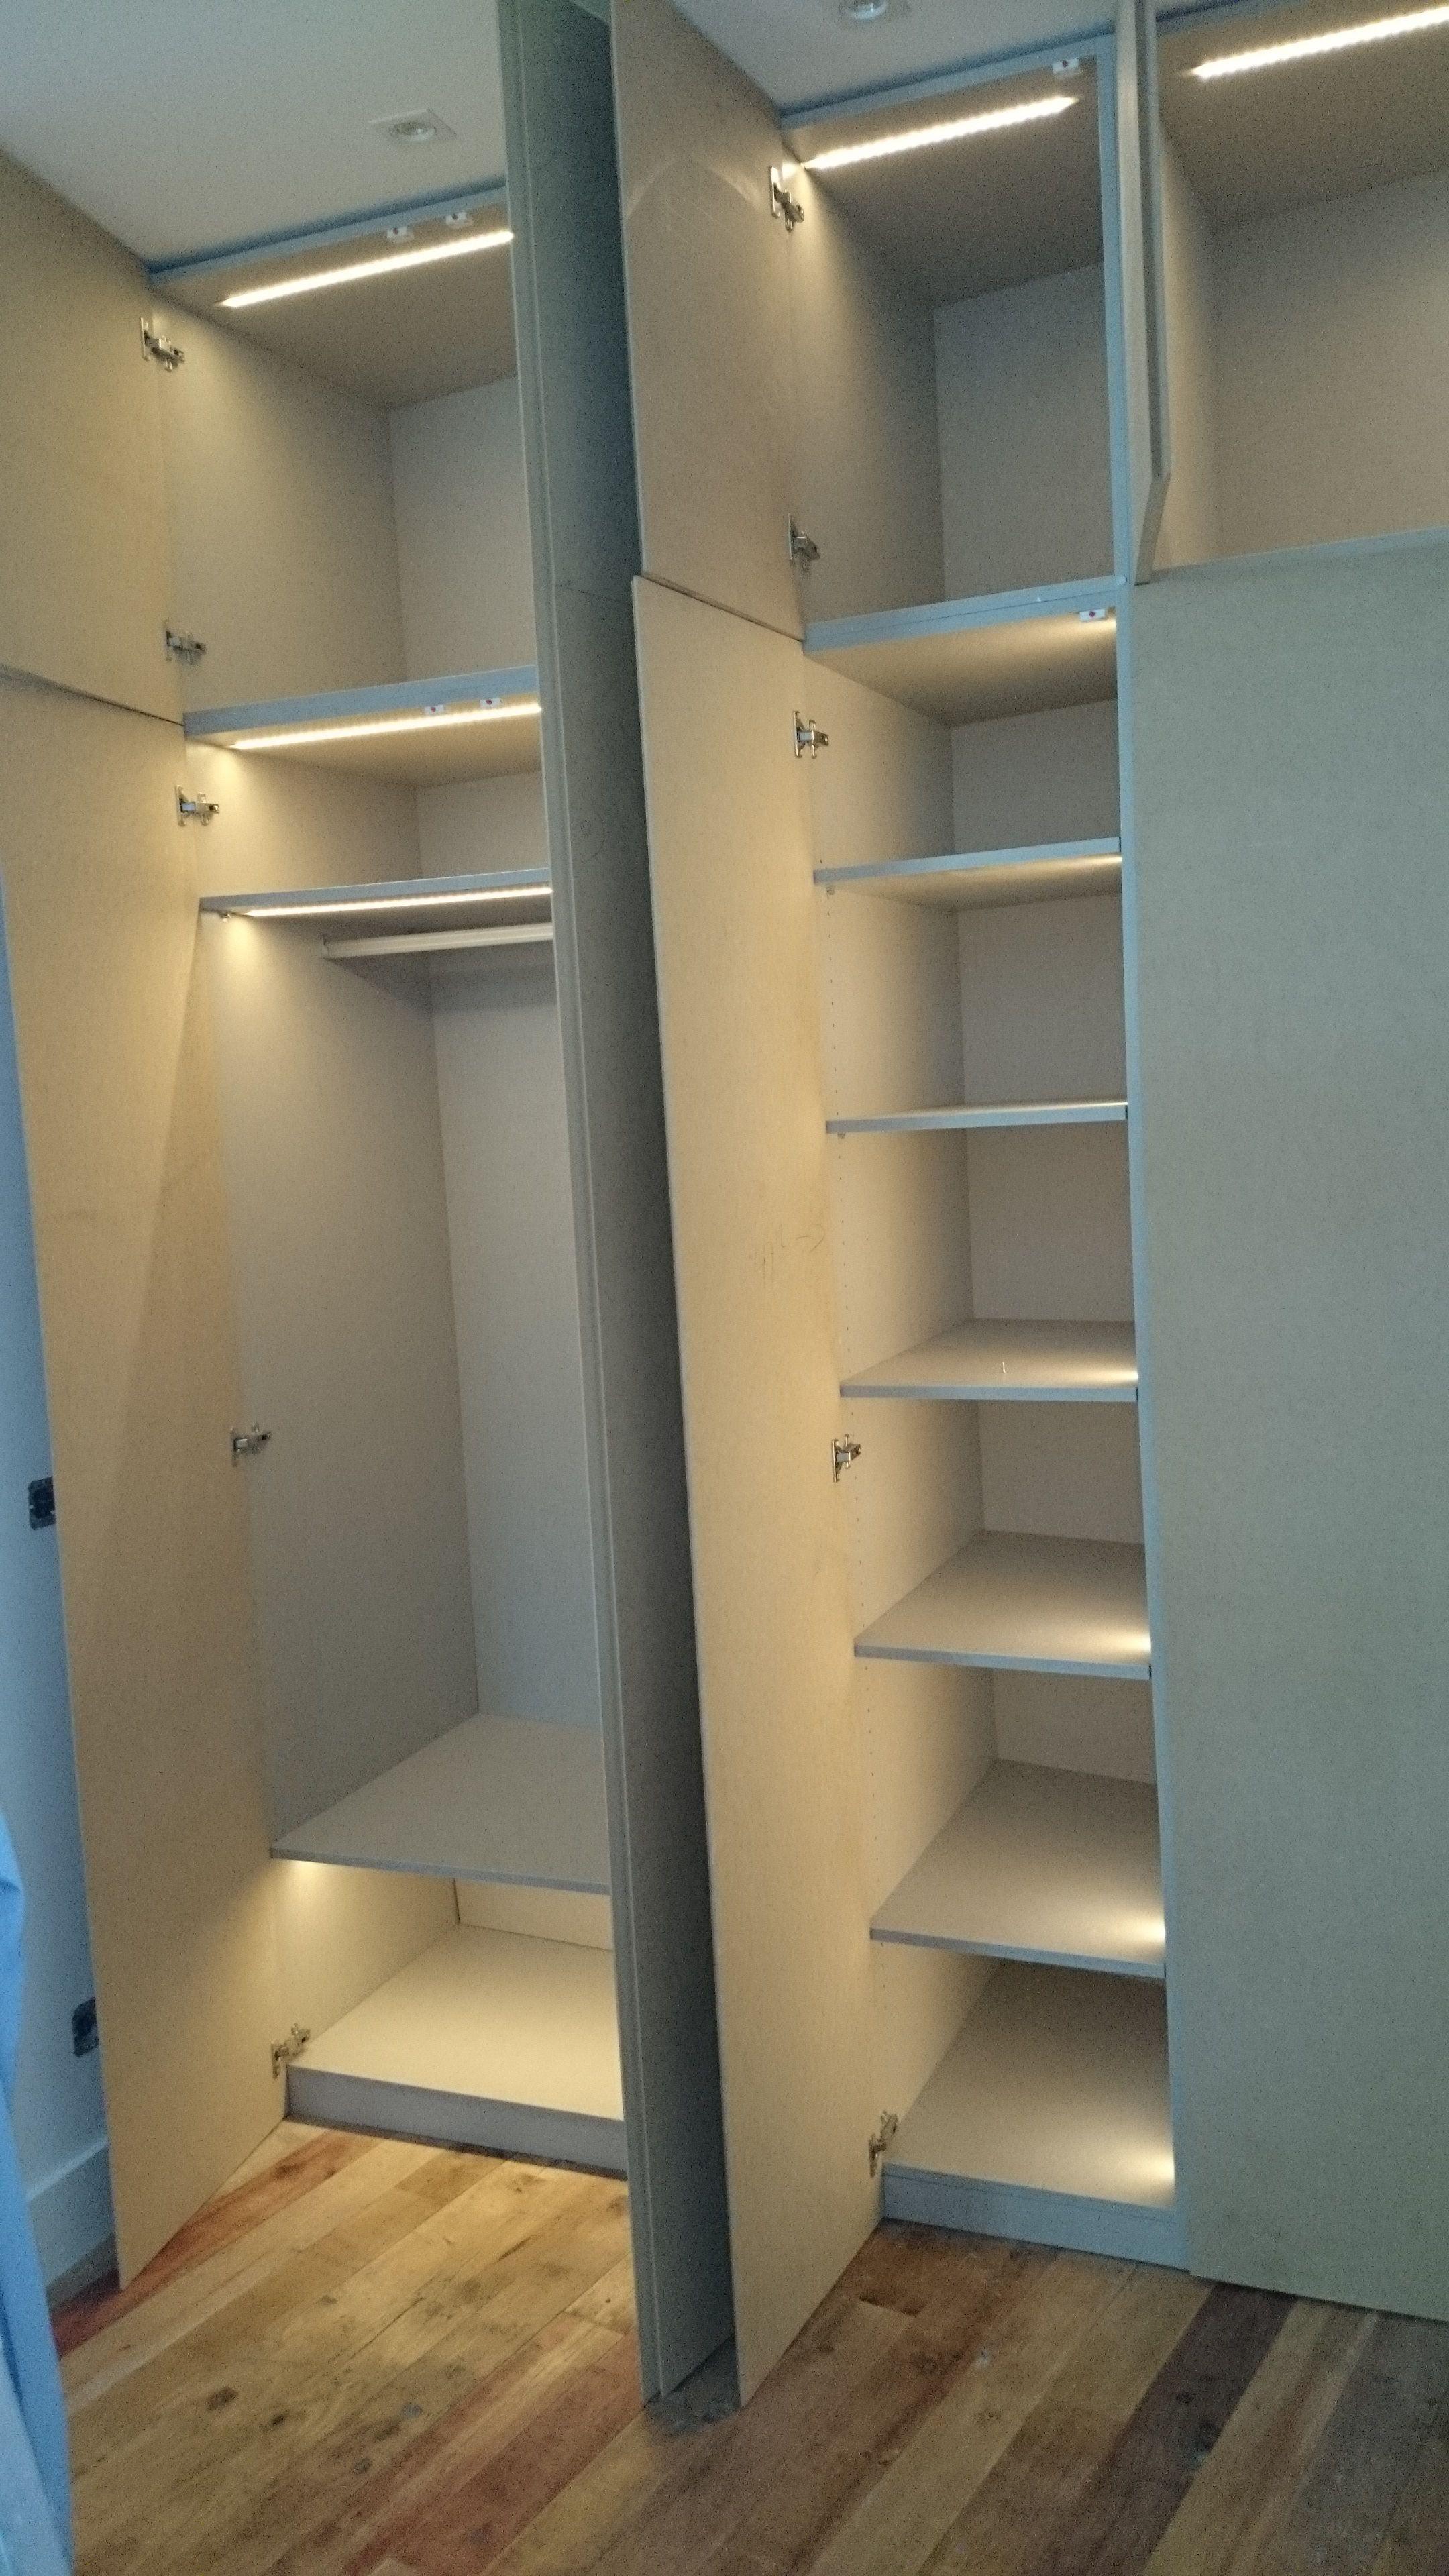 armario con iluminacin led integrada la instalacin re realiz coordinada con los montadores del armario quedando los leds empotrados en la madera